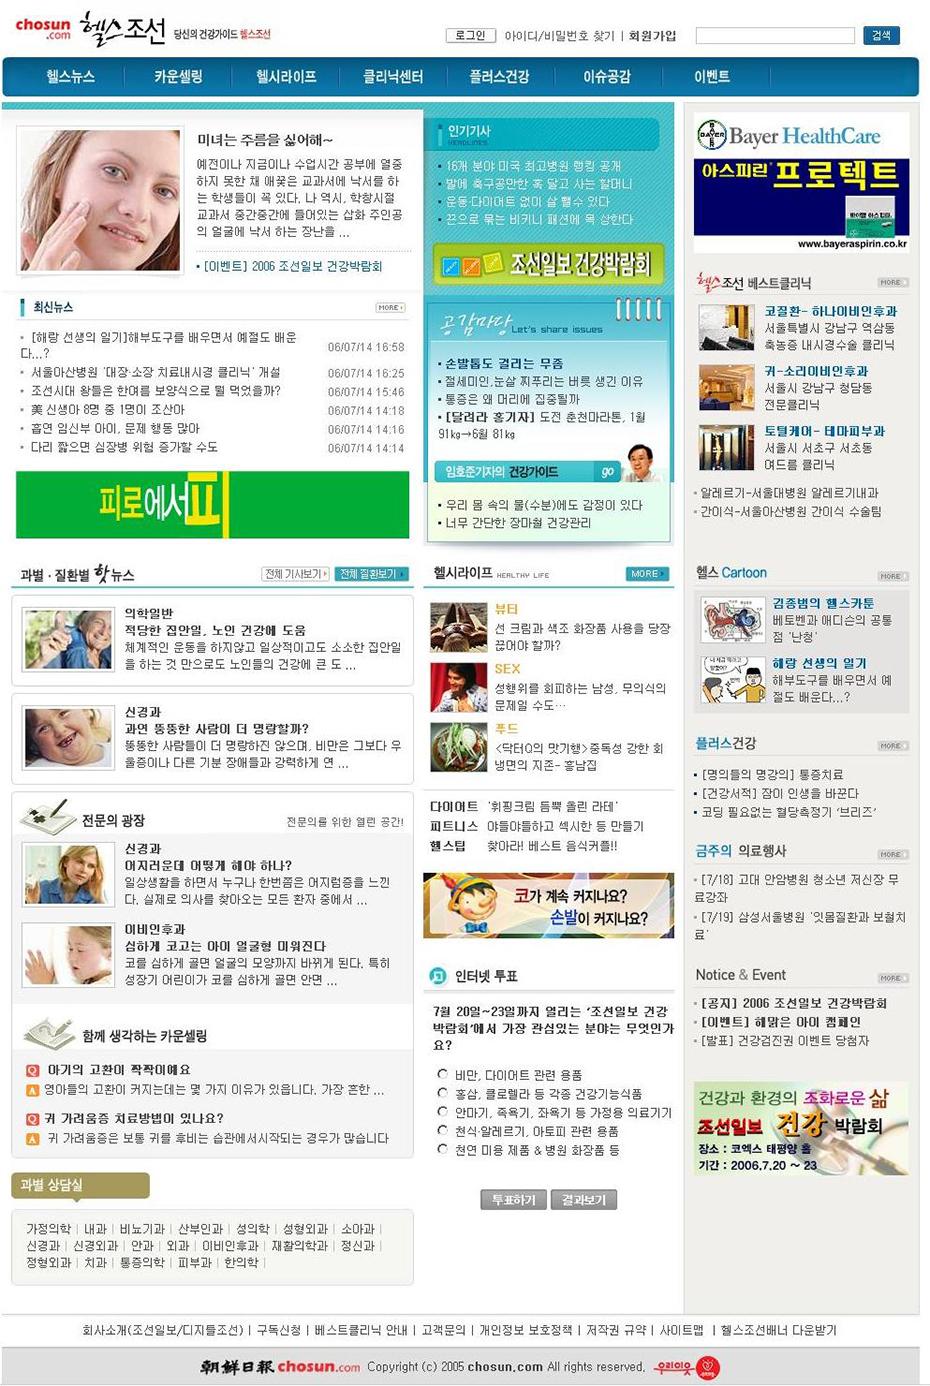 2005년 헬스조선닷컴